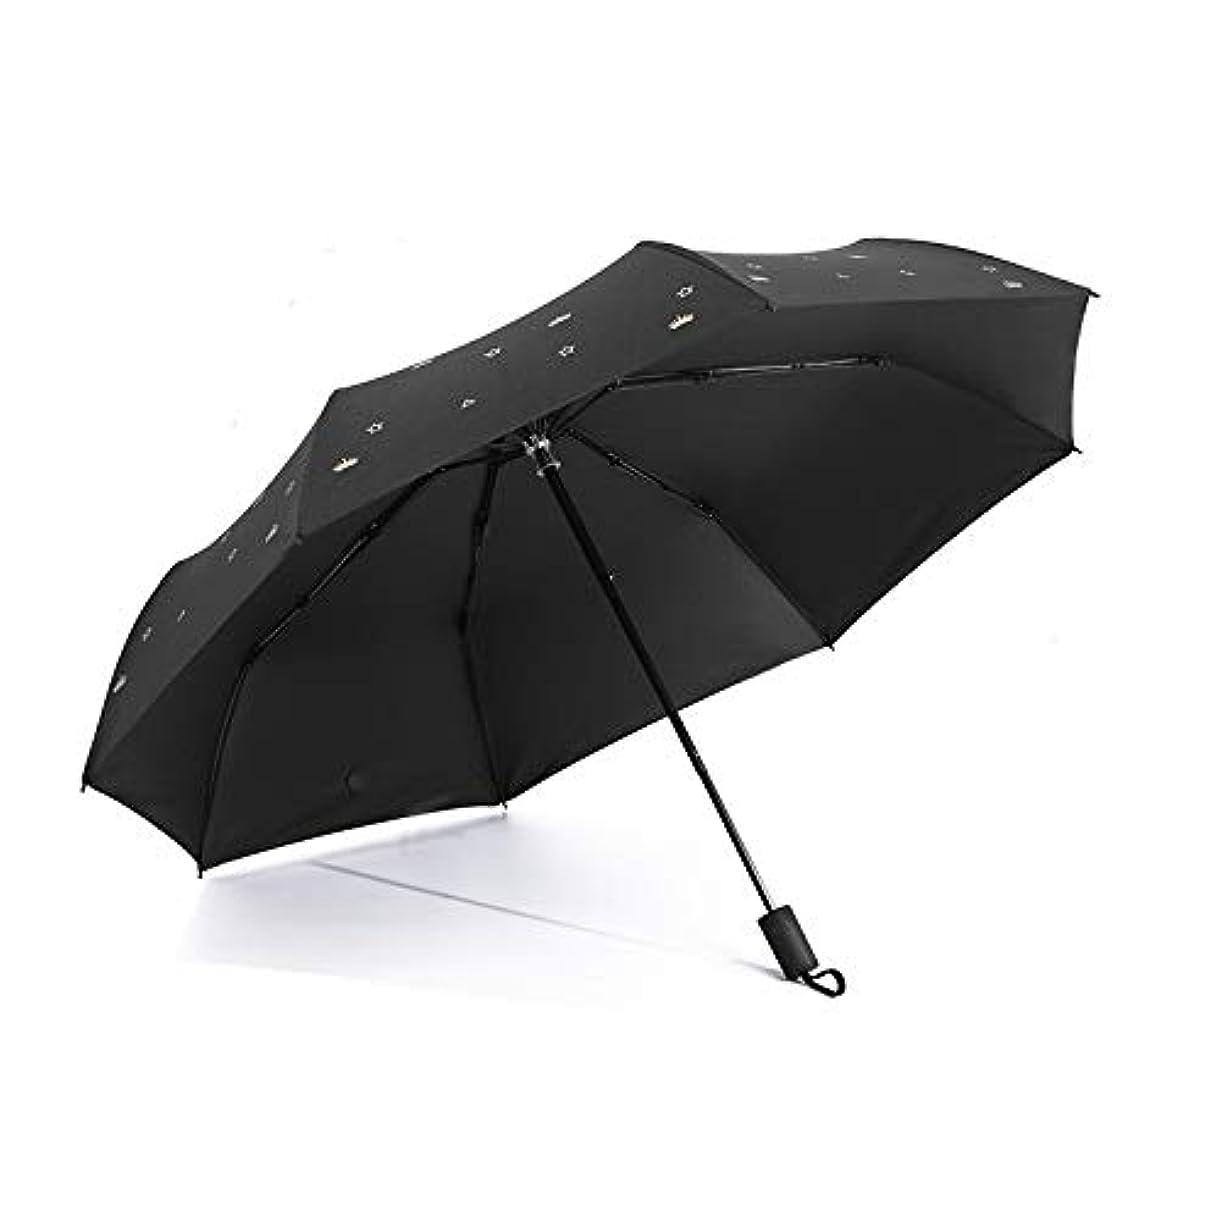 デンマーク語地中海高尚なHAPPY HOME 新しいクラウン太陽傘マニュアル30%黒いプラスチック日焼け止めUV傘小さな新鮮な雨と雨傘